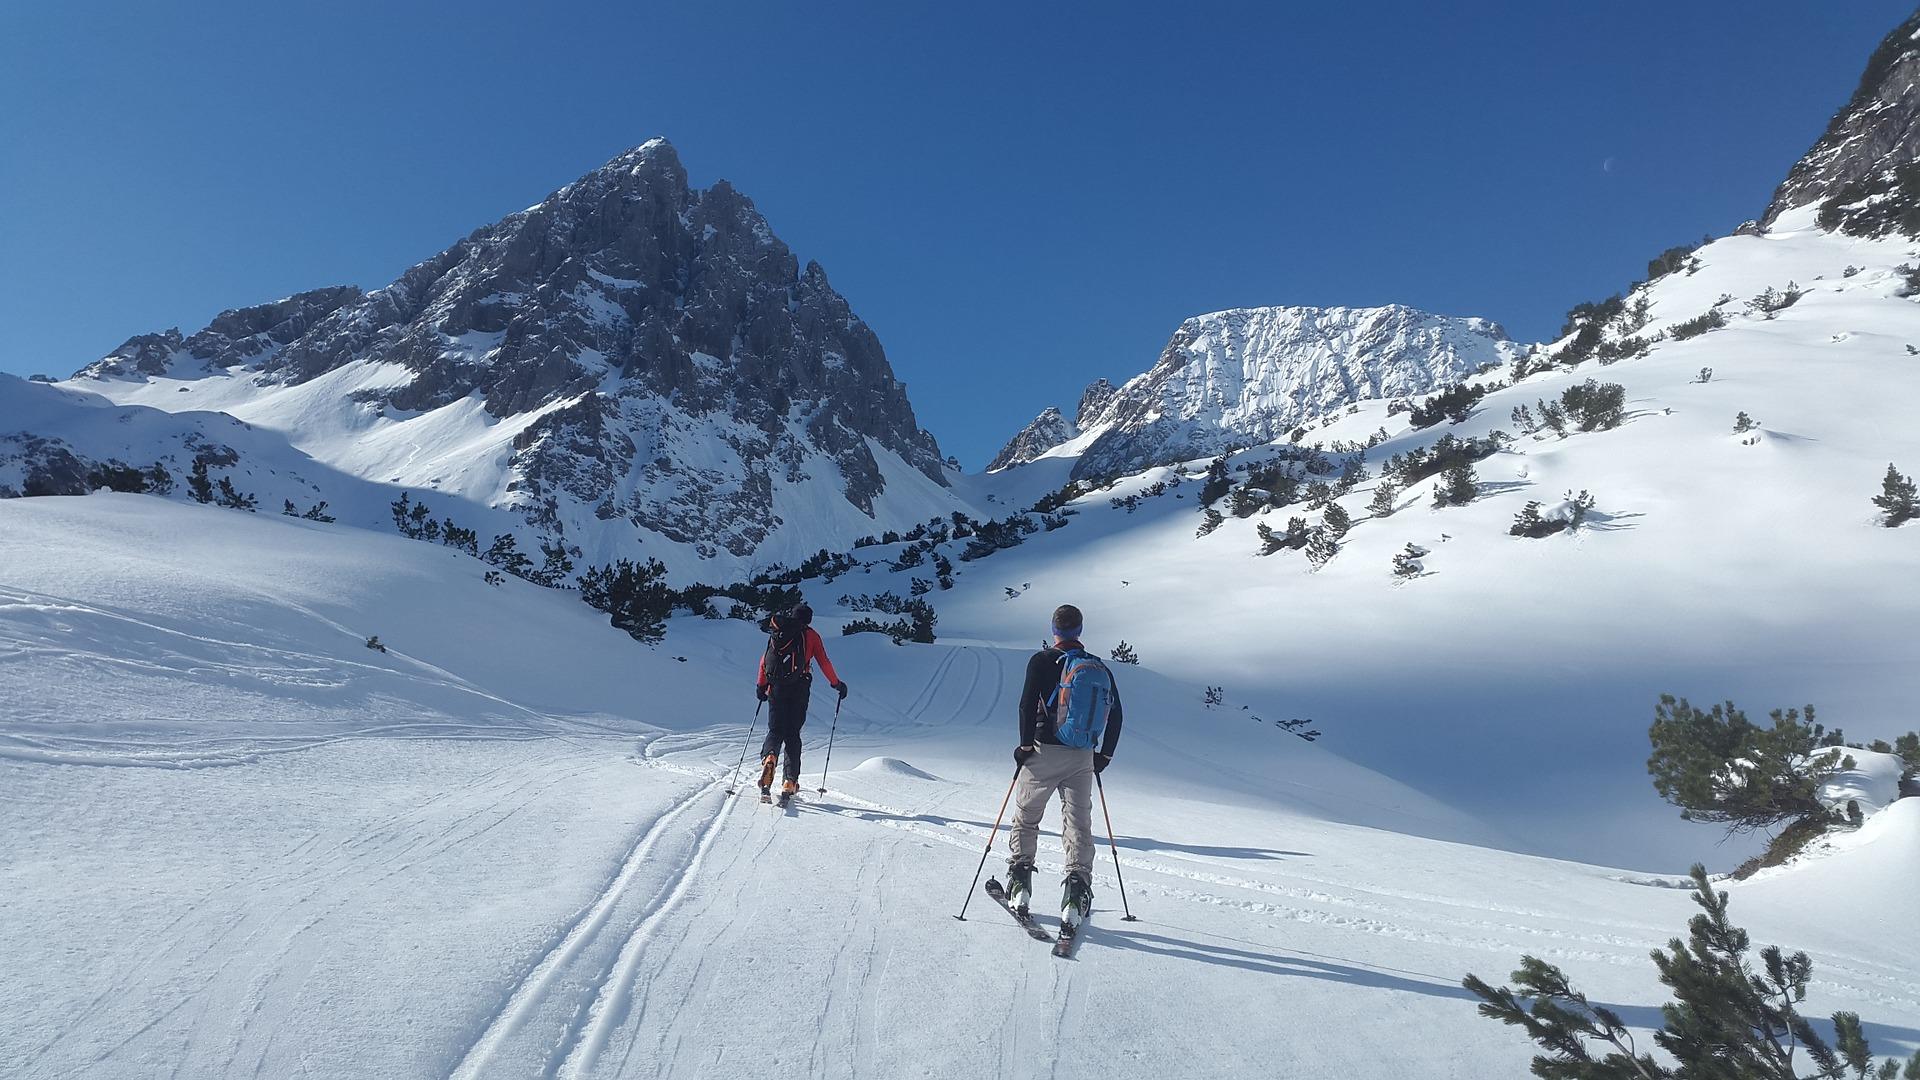 - Jeśli planujemy narty w tym roku, warto zrobić to właśnie teraz, kiedy te ceny są najbardziej atrakcyjne – przekonuje Magda Plutecka. (Fot. Pixabay)